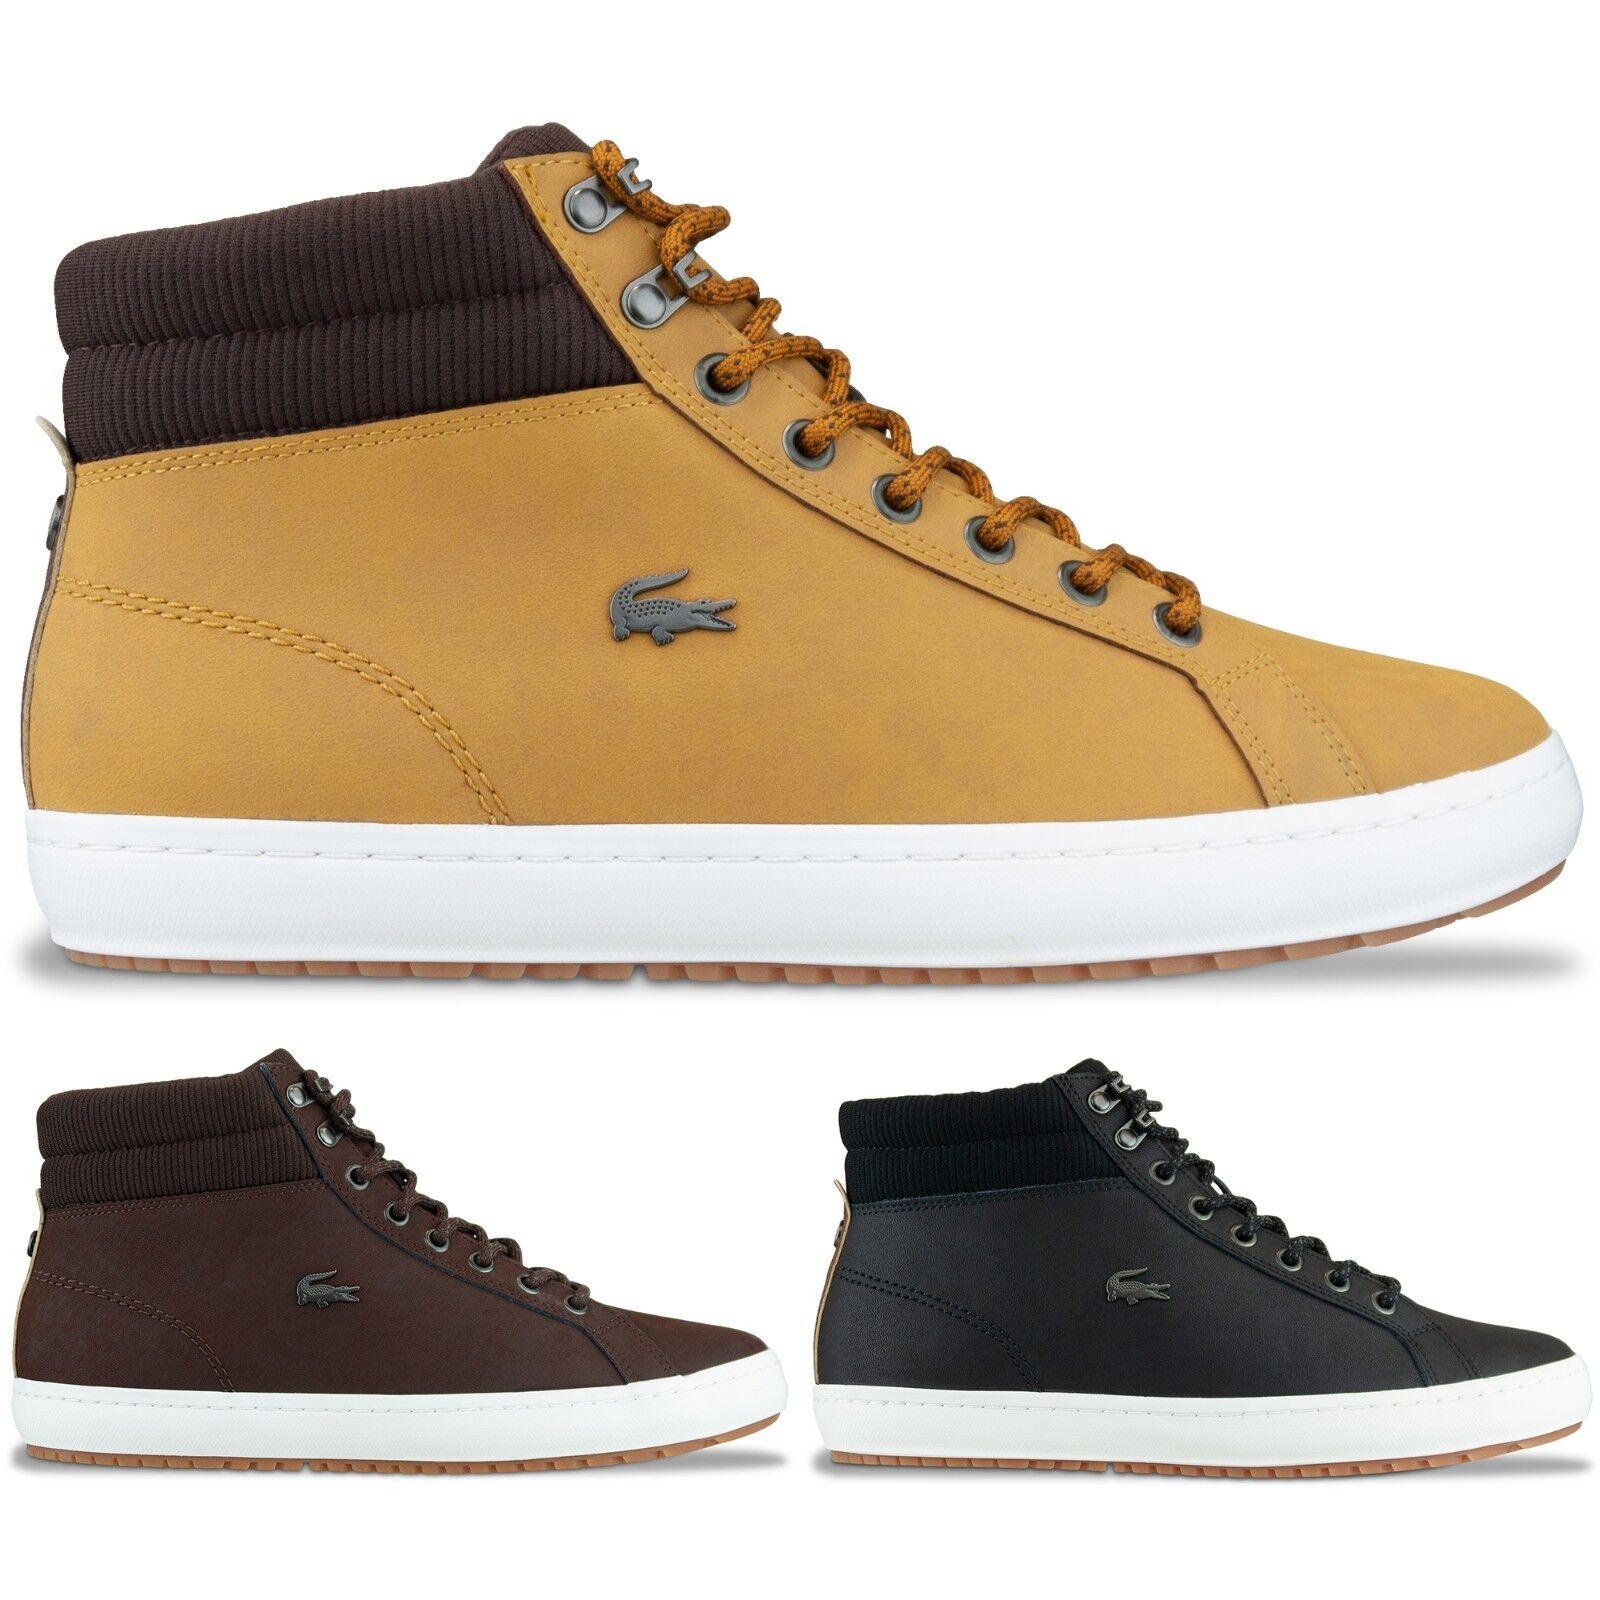 Lacoste botas-Lacoste Straightset Aislado Bota De Cuero-Negro, Marrón, Bronceado